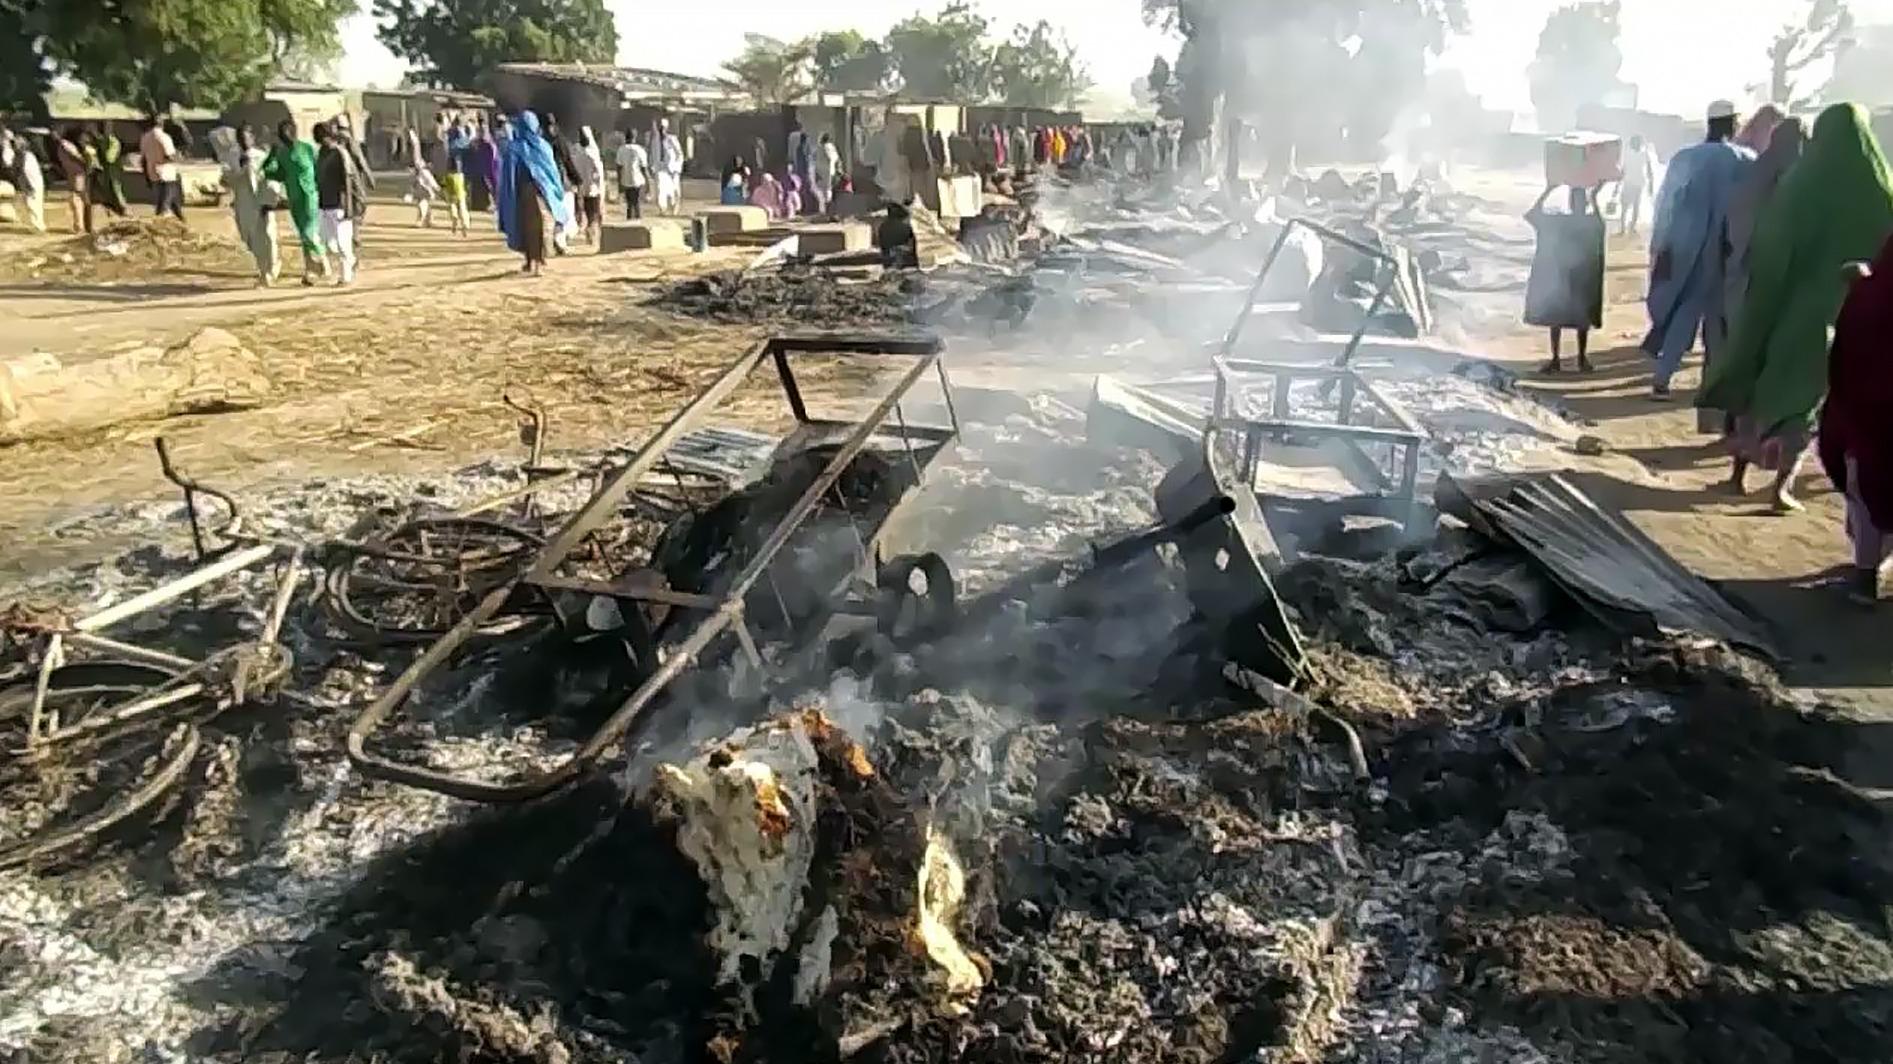 El hecho se registró durante un funeral en un pueblo cercano a la ciudad de Maiduguri (Nigeria).